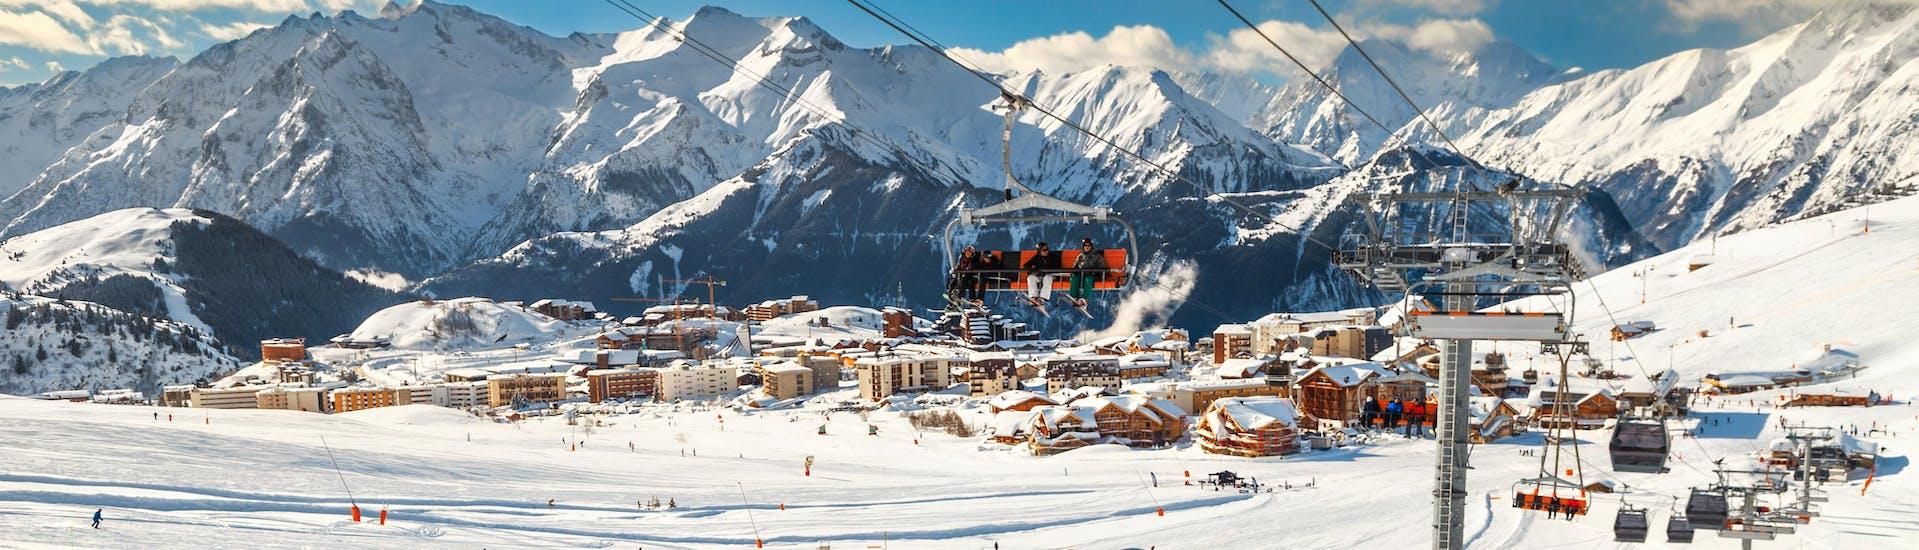 Un skieur fait une pause pendant son cours de ski pour profiter de la vue sur la station de l'Alpe d'Huez depuis les pistes.